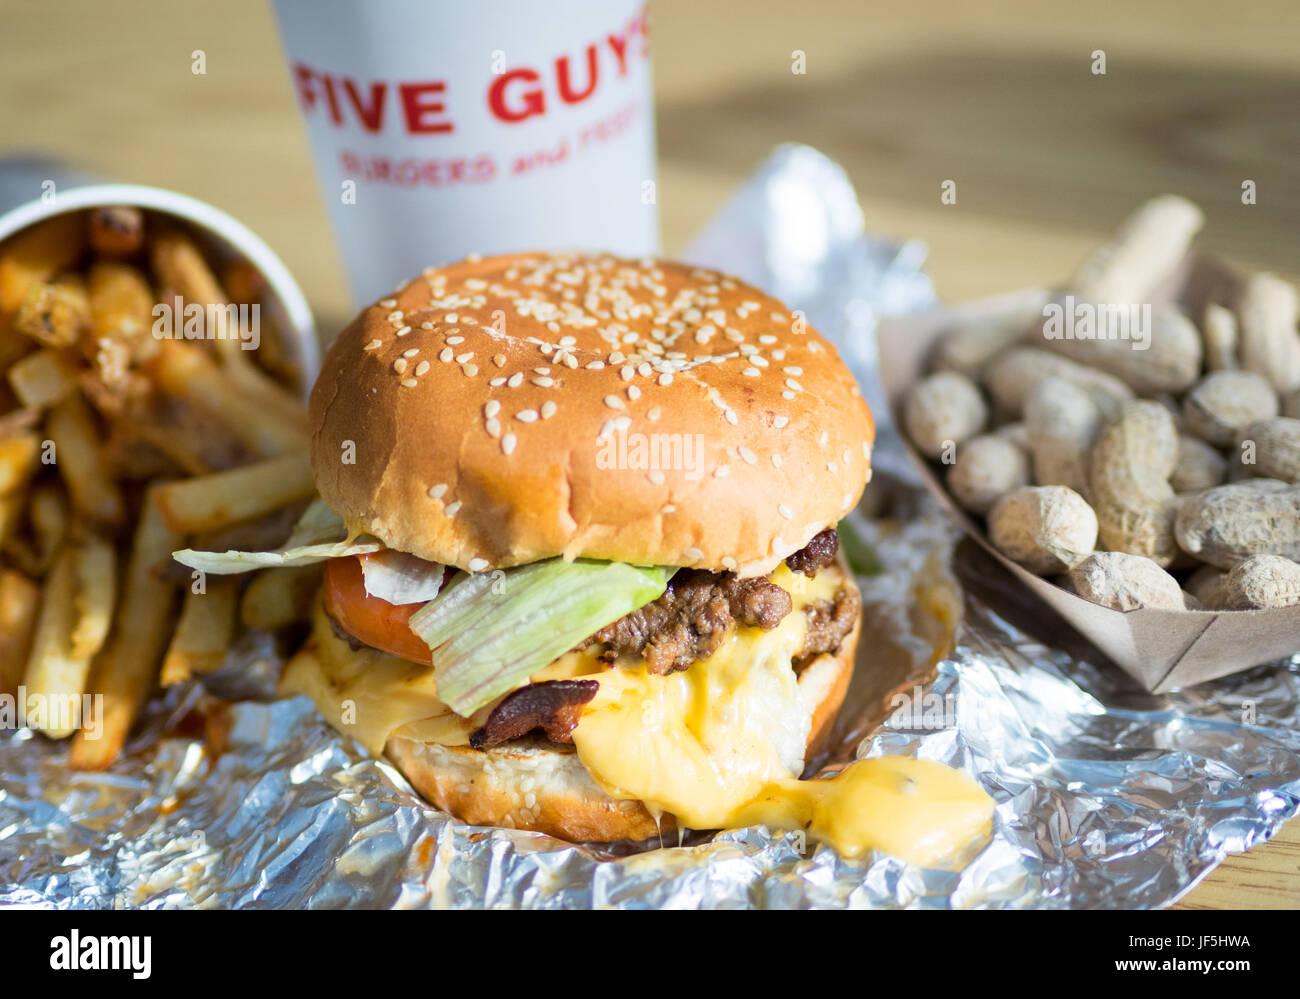 Ein Bacon Cheeseburger, Pommes Frites und Erdnüsse aus fünf Jungs Burger und Pommes, eine amerikanische Stockbild